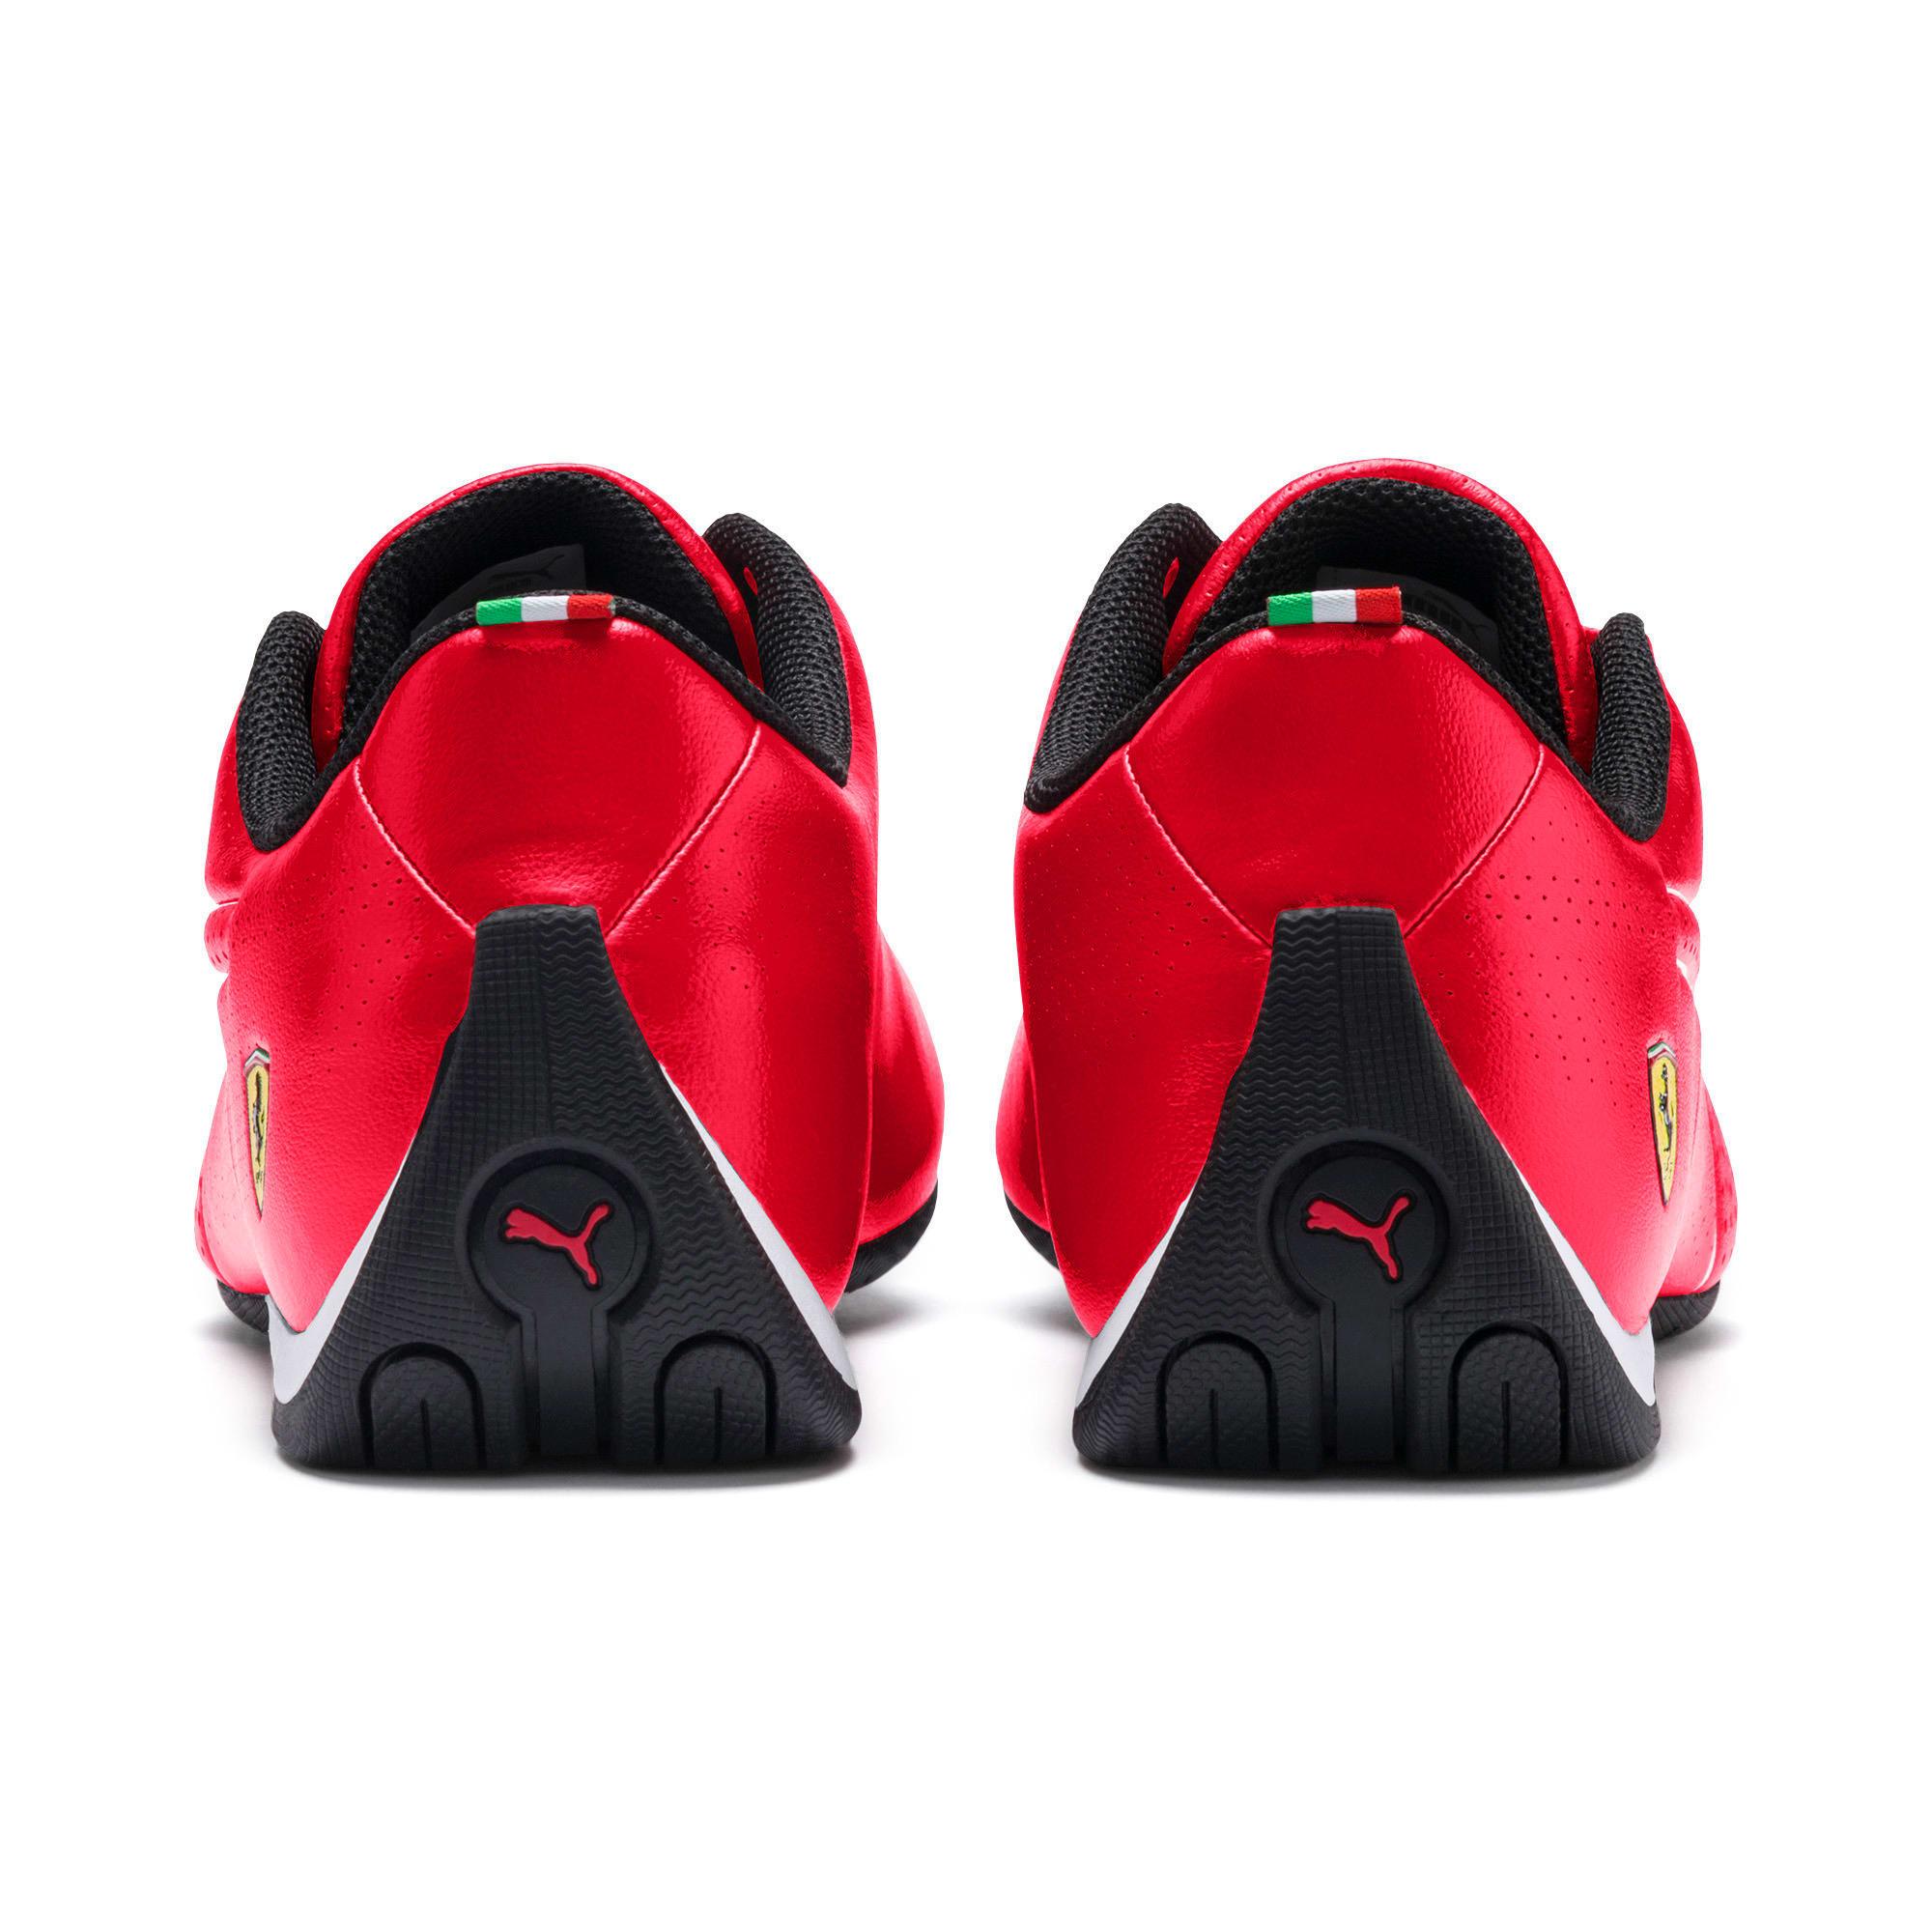 différemment 2a39b 4c241 Scuderia Ferrari Future Cat Ultra Shoes | PUMA US